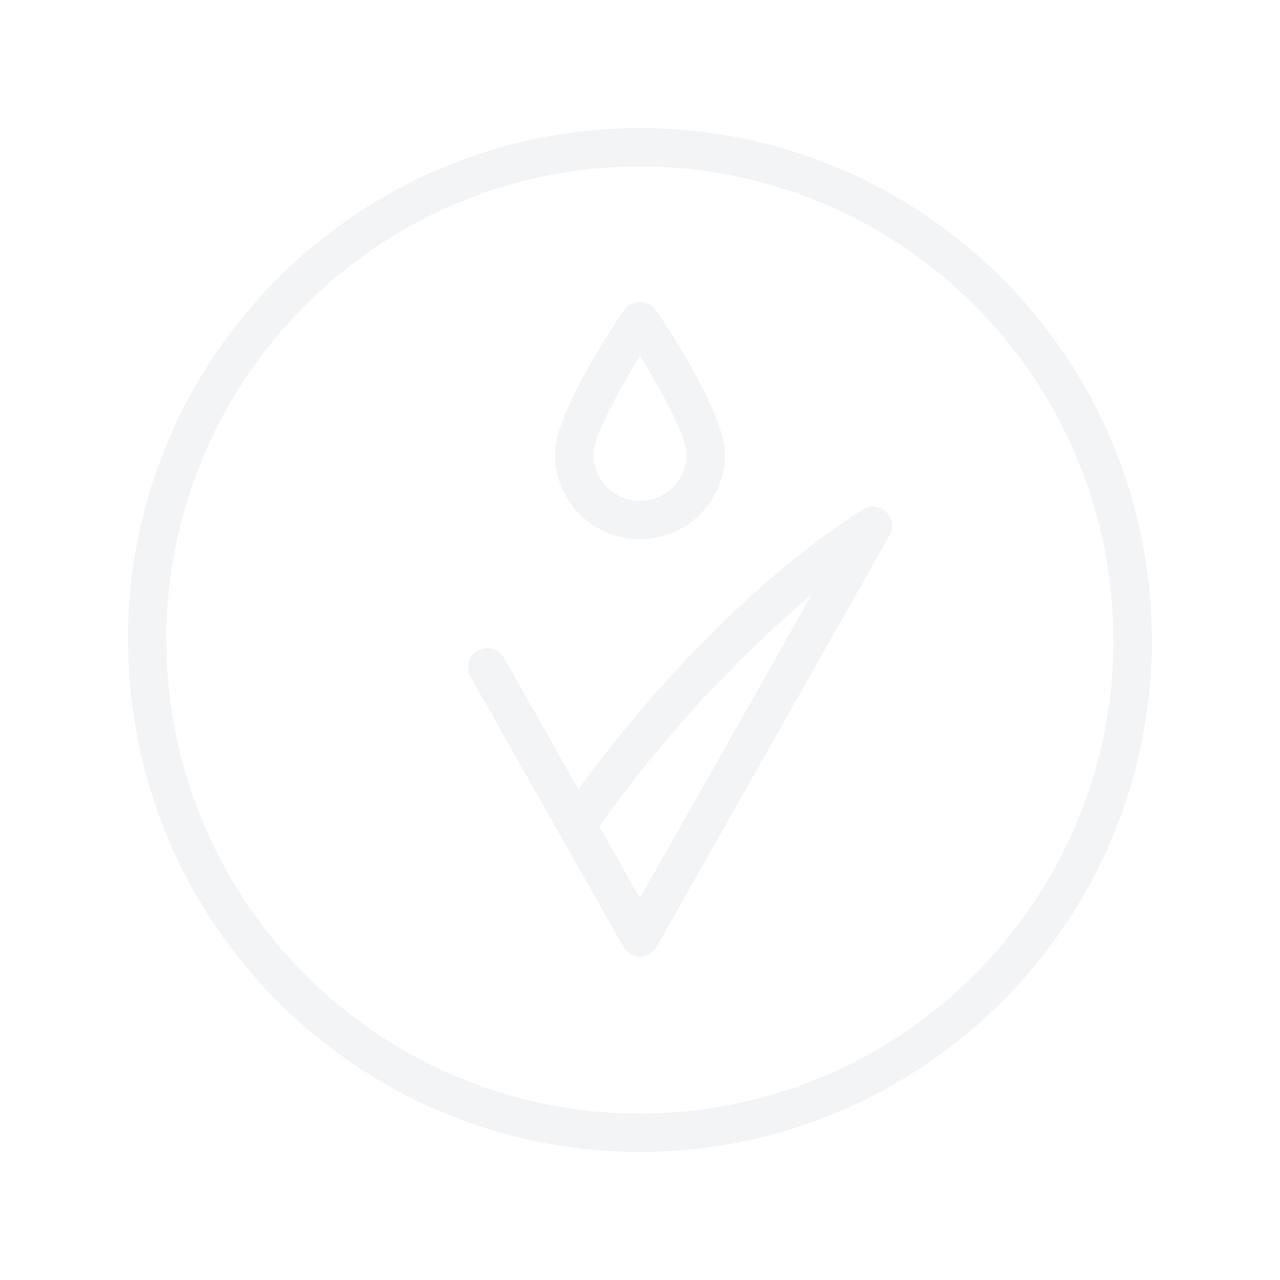 MILANI Silky Matte Bronzing Powder 9.5g